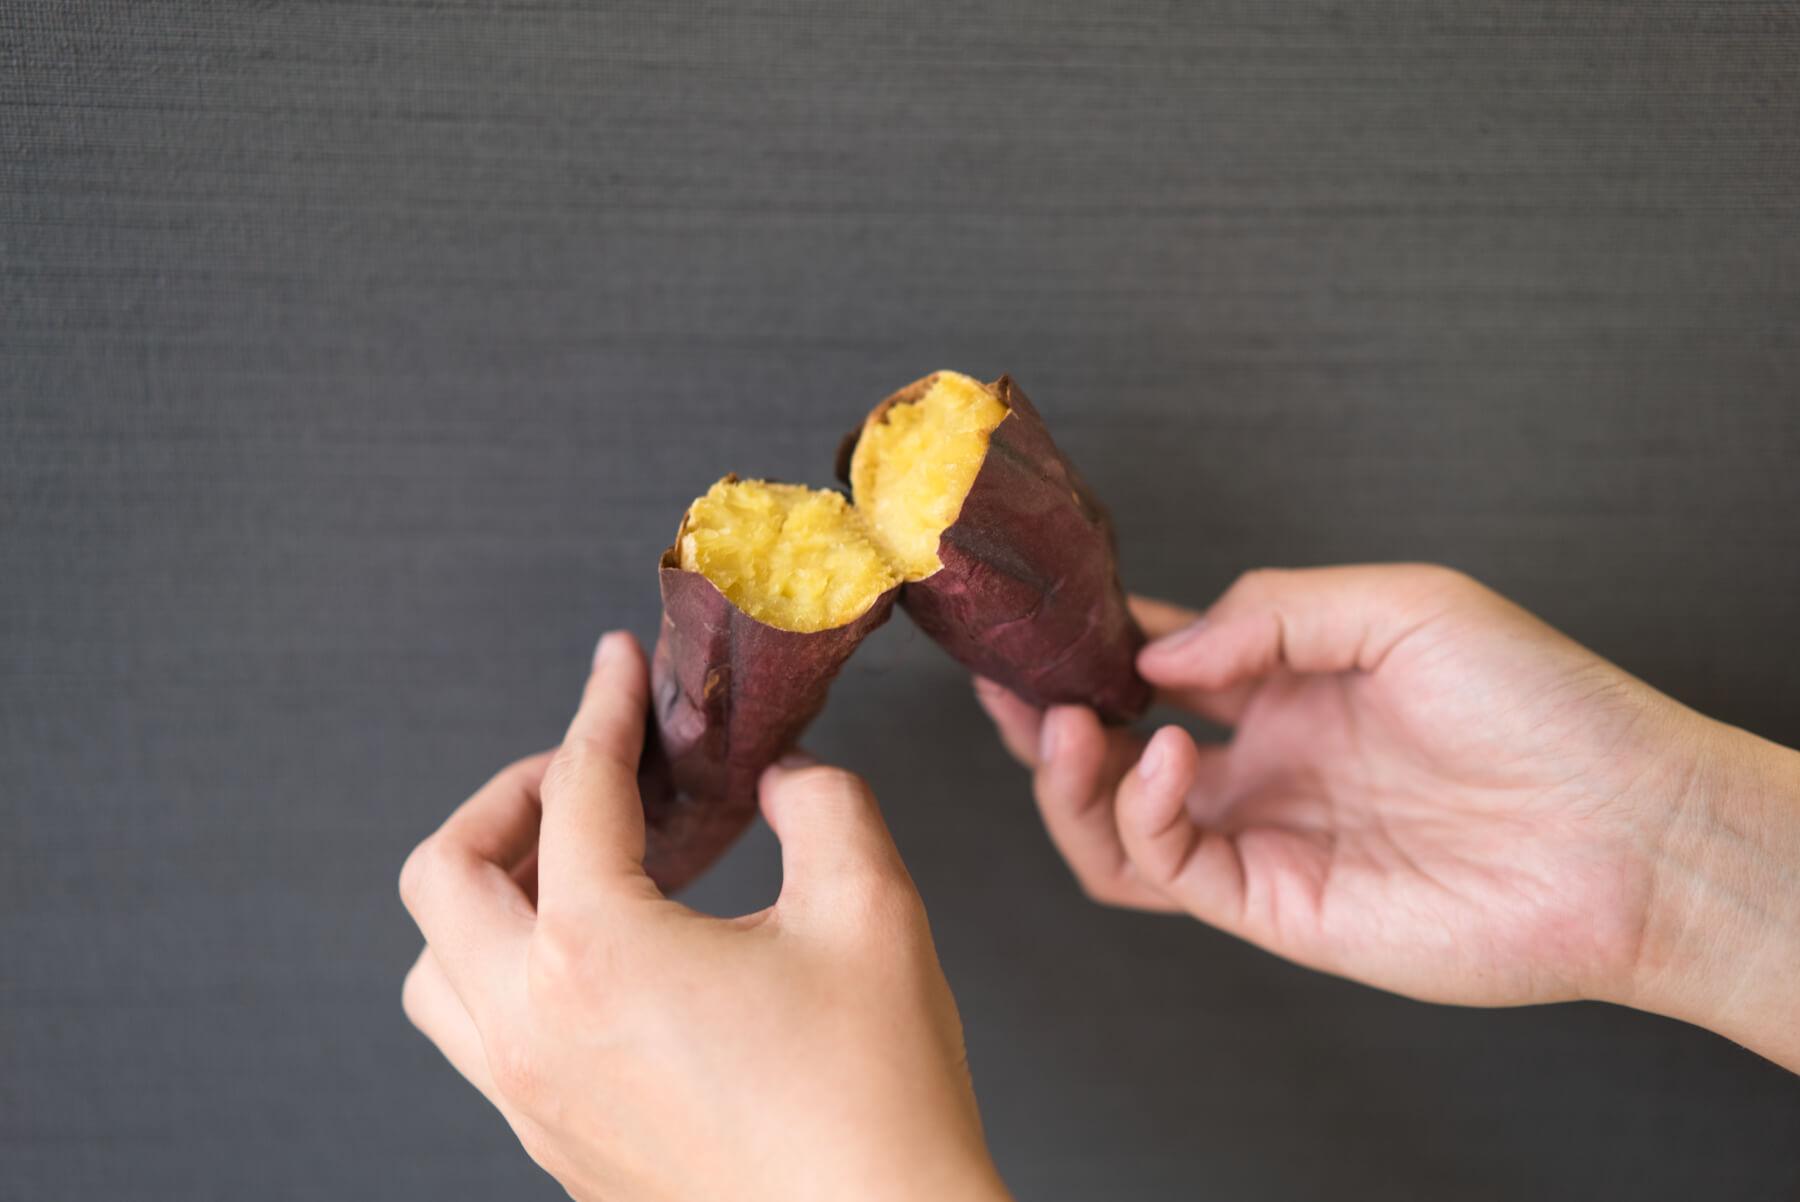 実食!完成した焼き芋を食べ比べ シロカ すばやきトースター 紅はるか